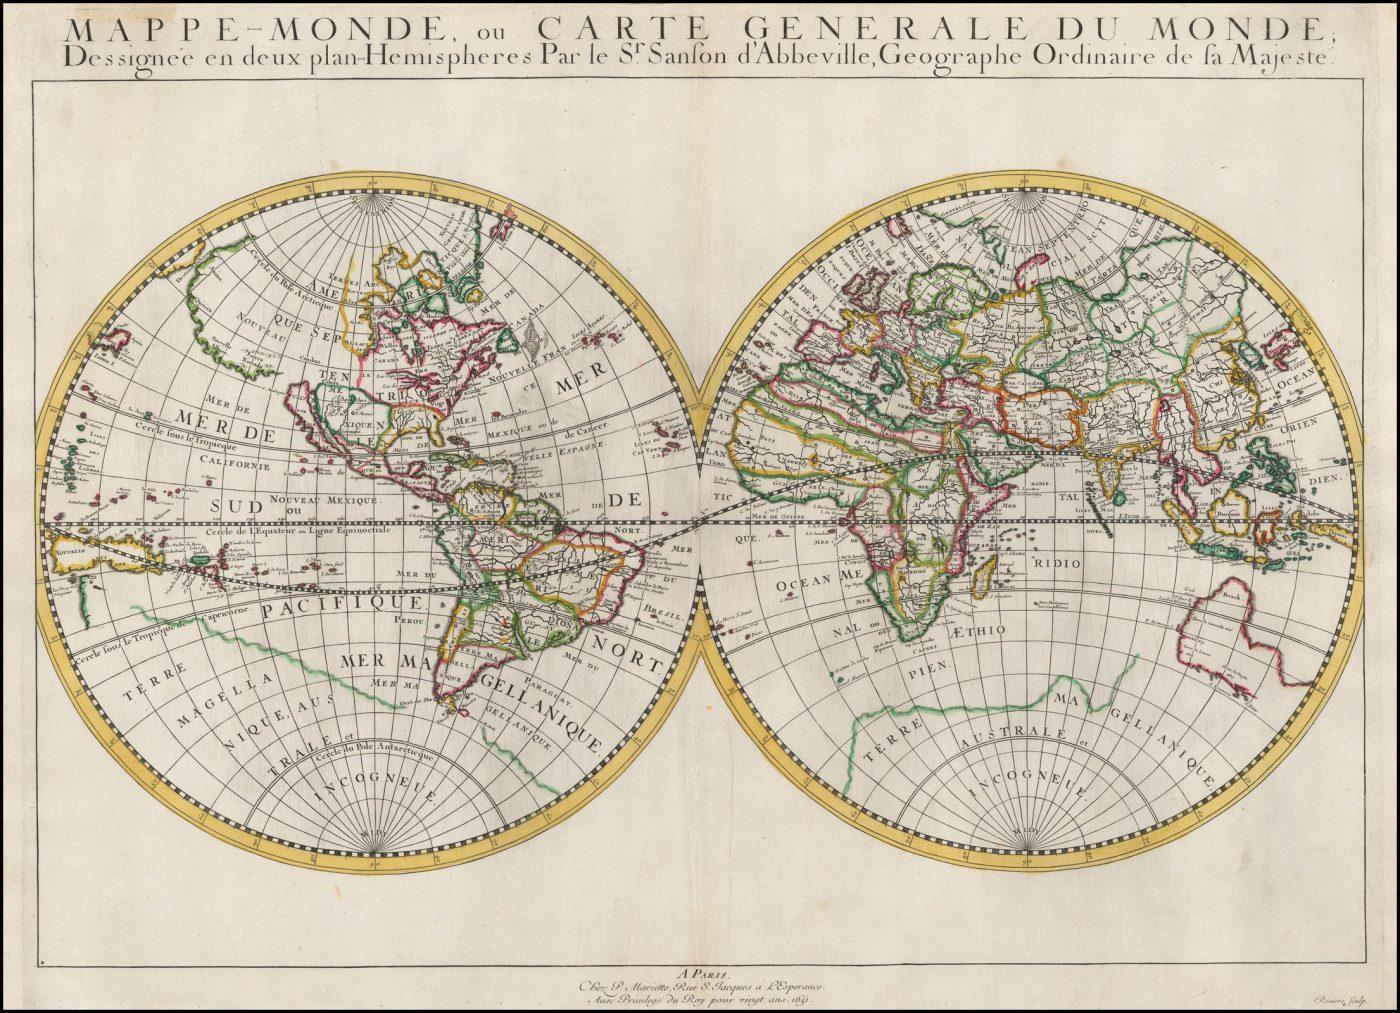 Первое издание первой карты мира Николаса Сансона